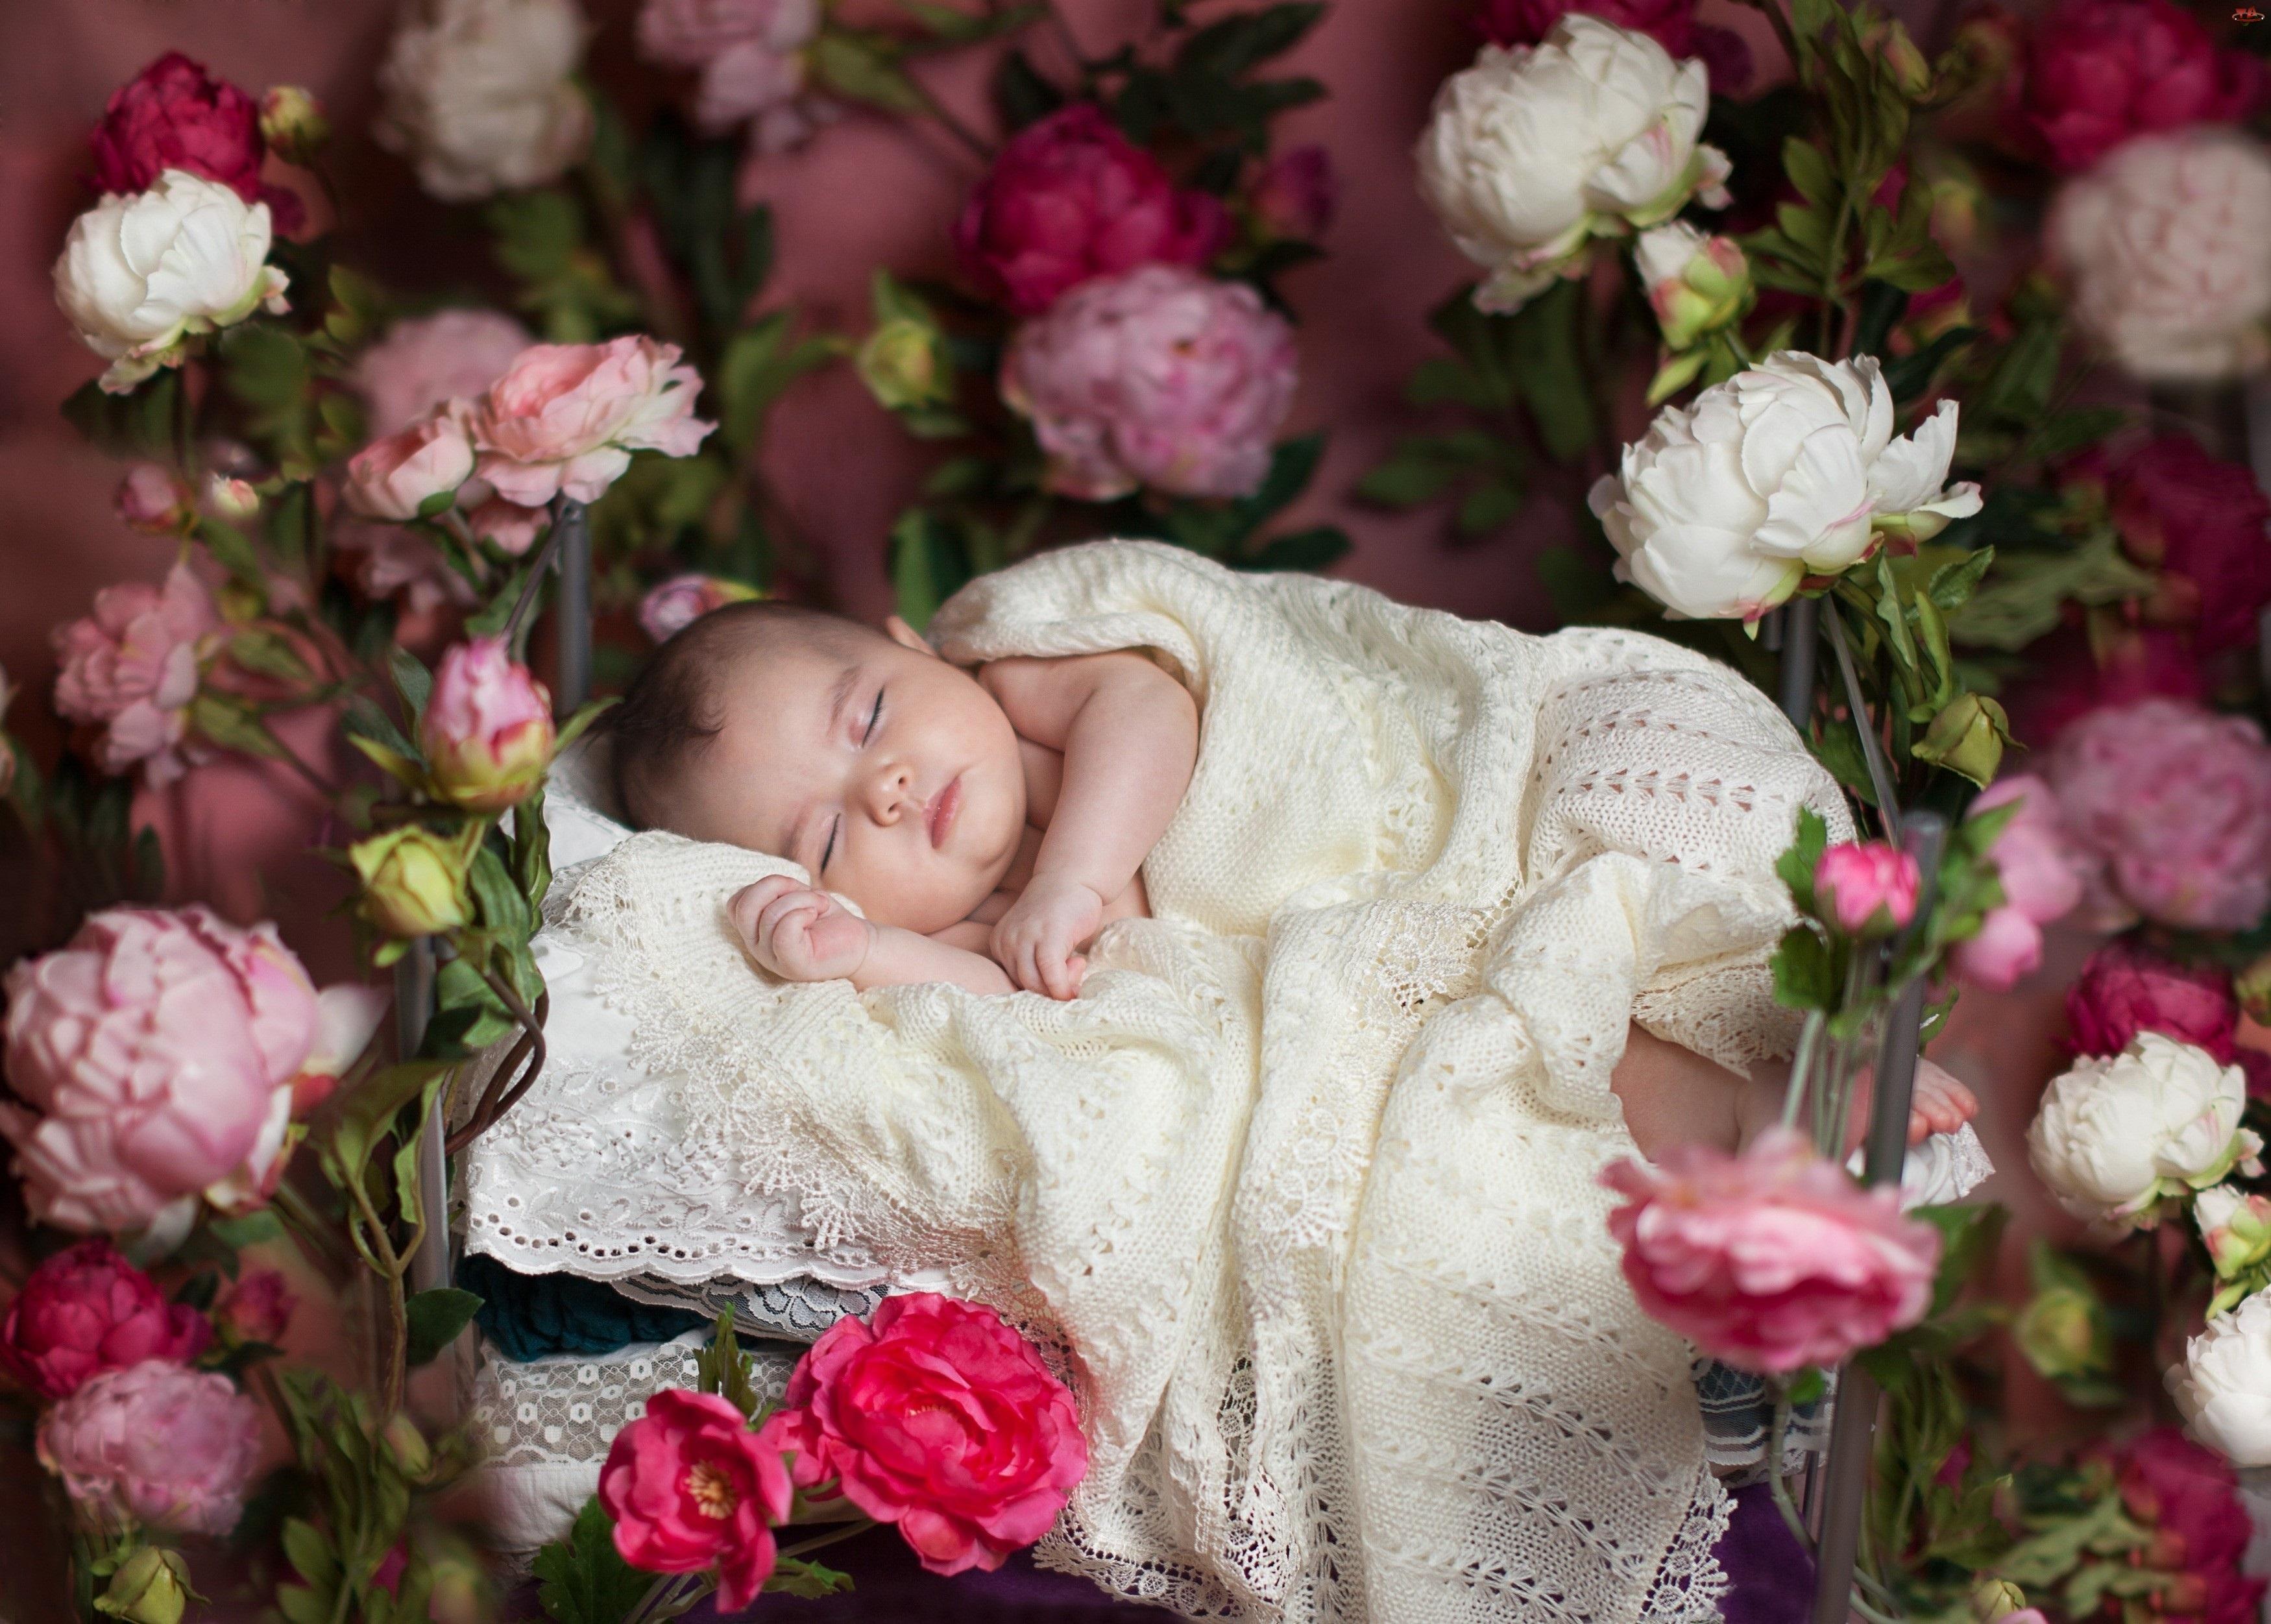 Kwiaty, Śpiące, Dziecko